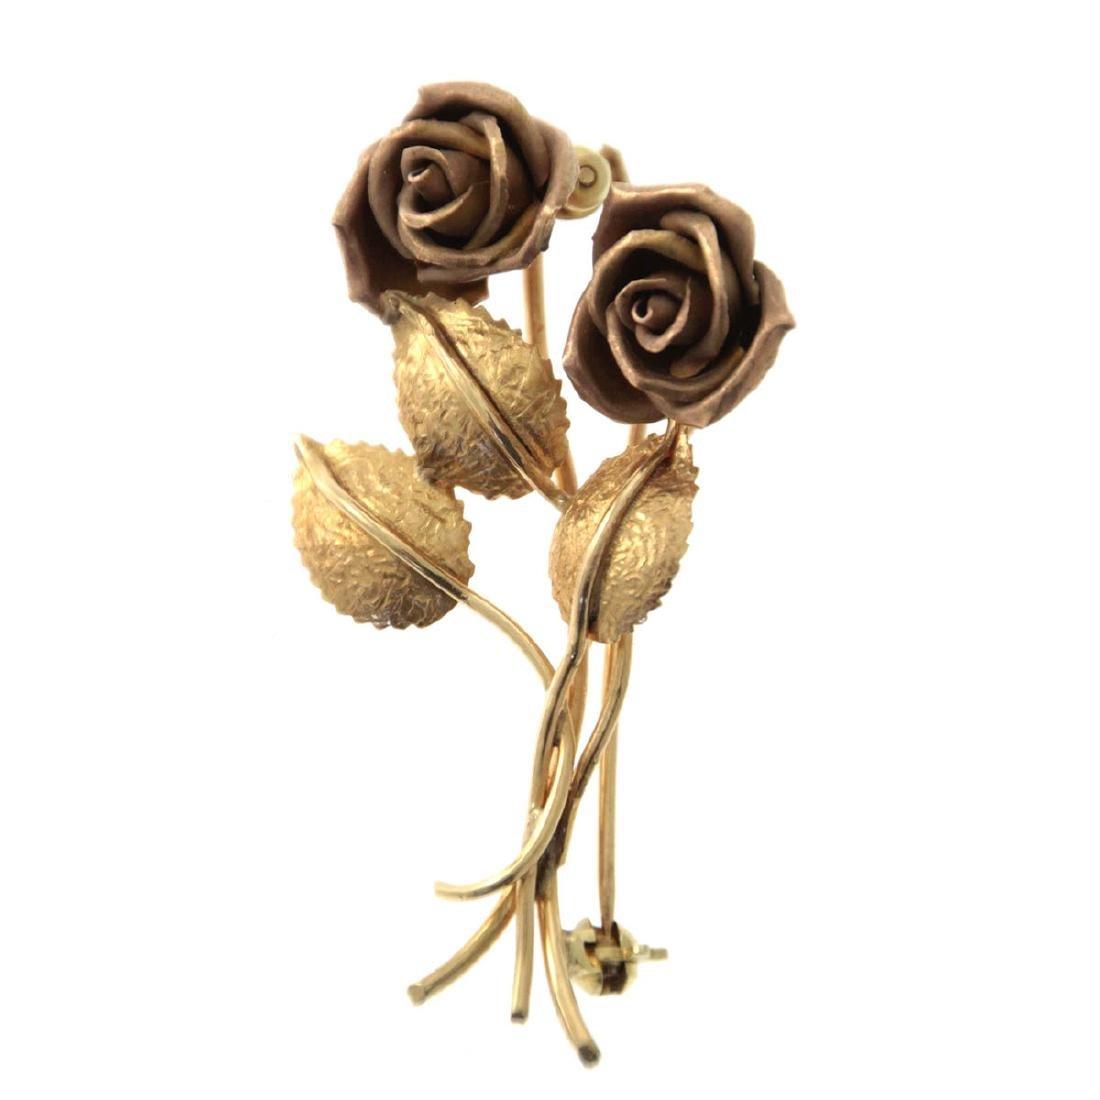 14k Gold Roses Brooch, Vienna, Austria, 1930's.